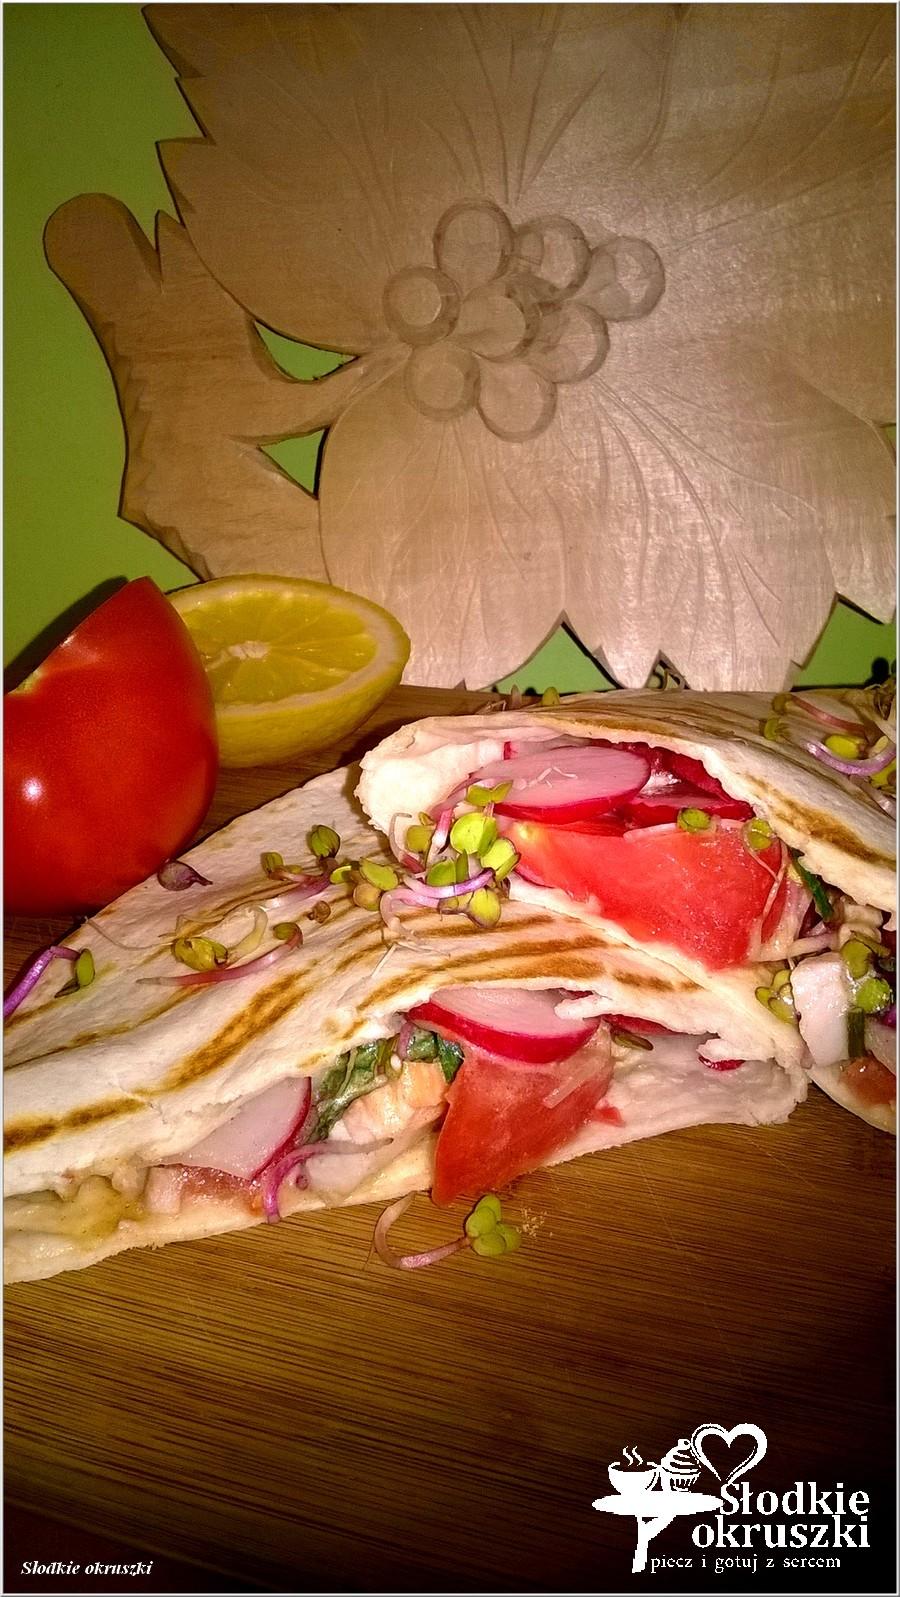 Grillowana tortilla z kurczakiem i warzywami w sosie musztardowym (1)